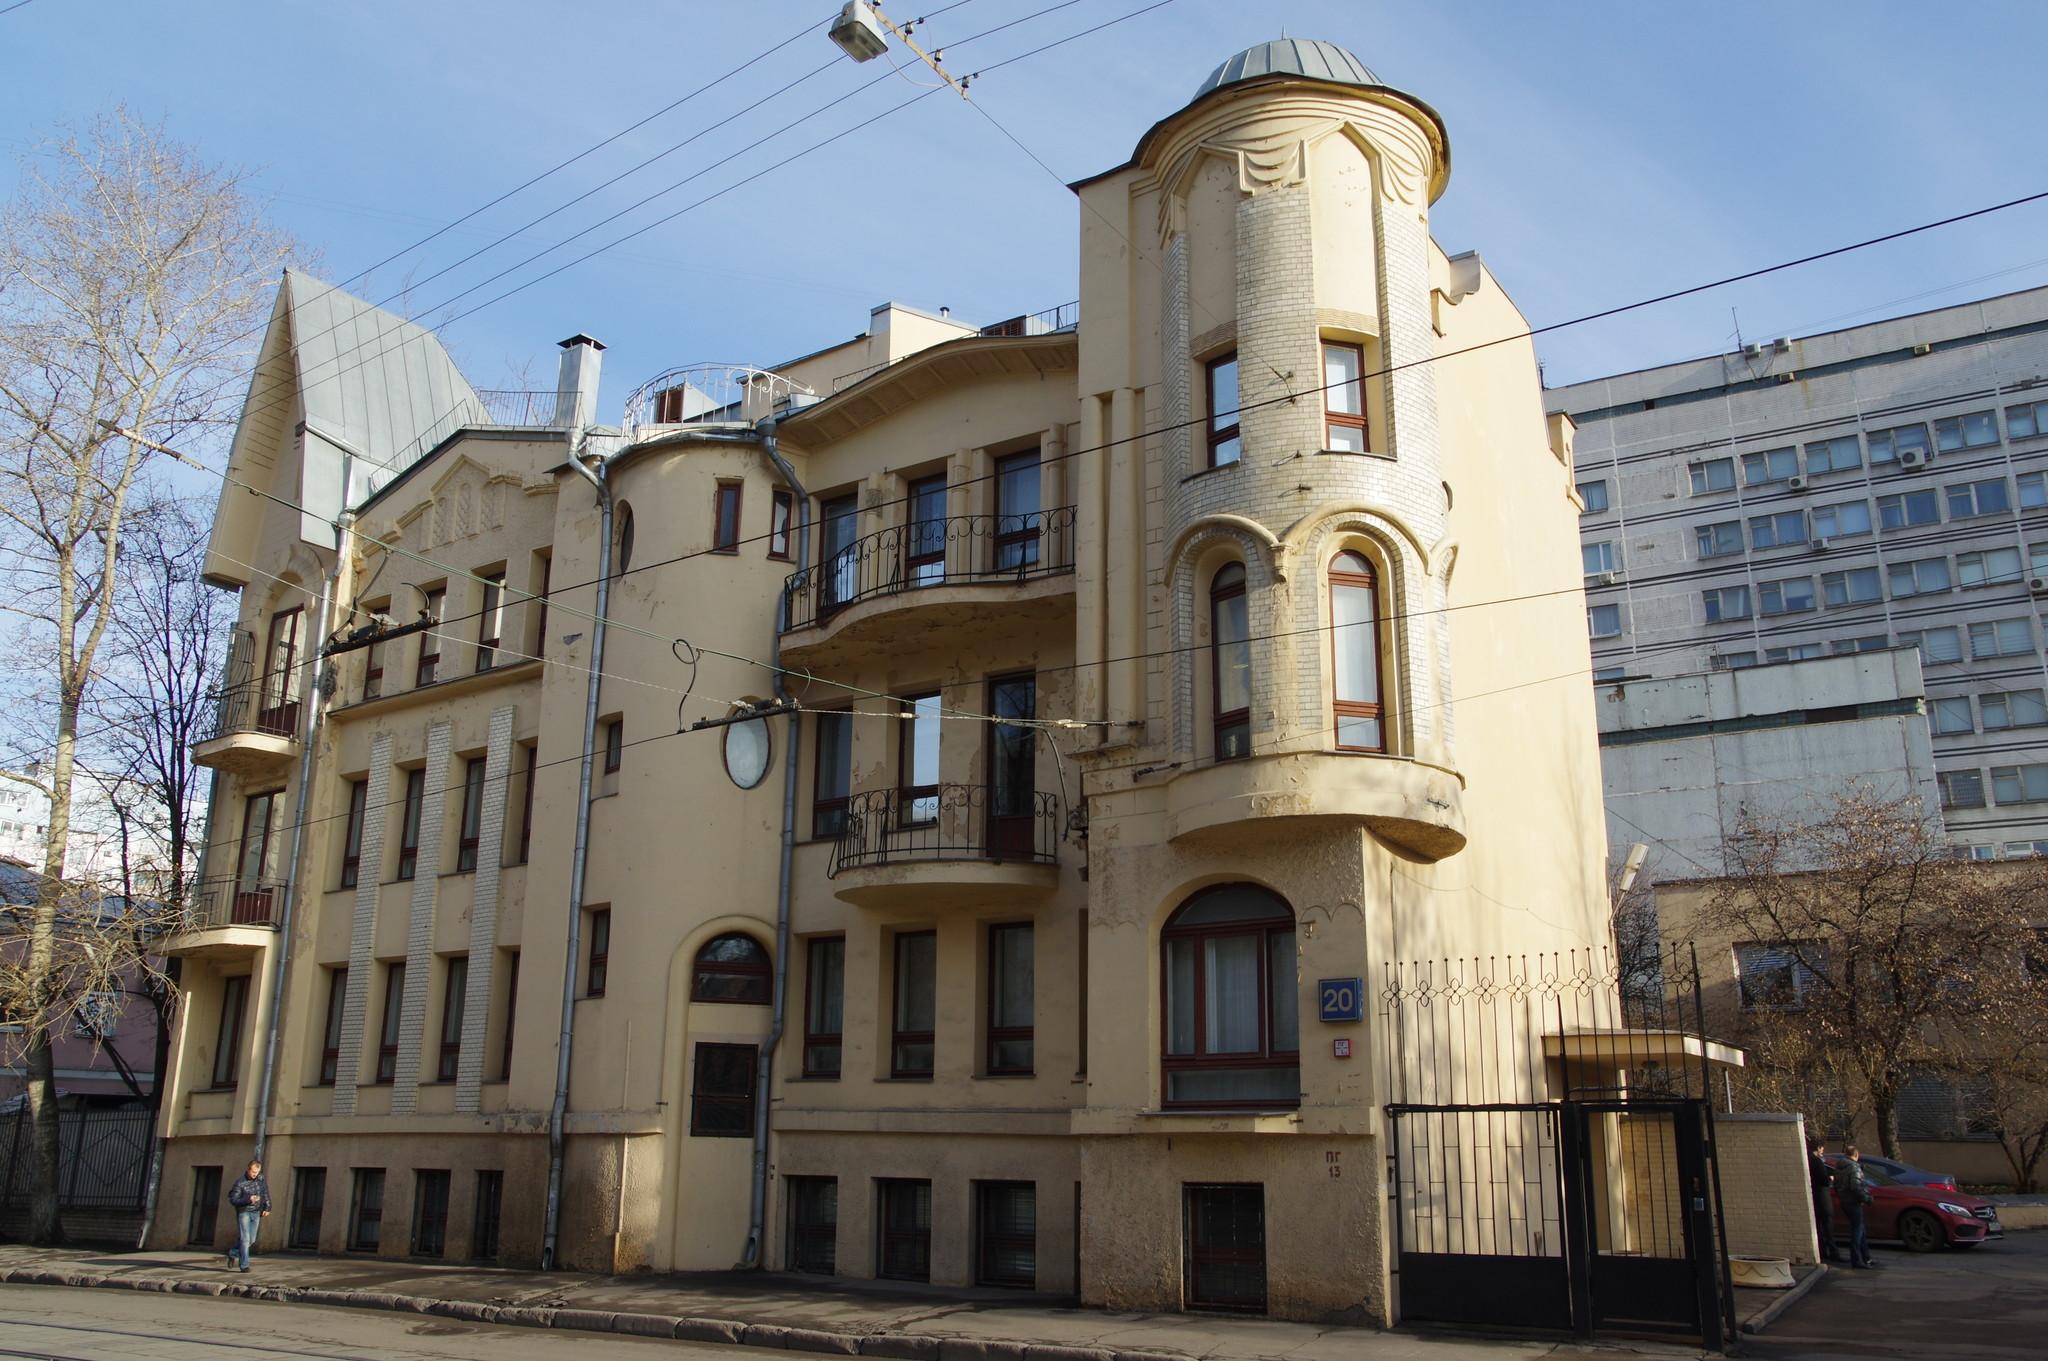 Доходный дом Е.Д. Ломакиной (1909, архитектор В.С. Масленников). Улица Гиляровского, дом 20